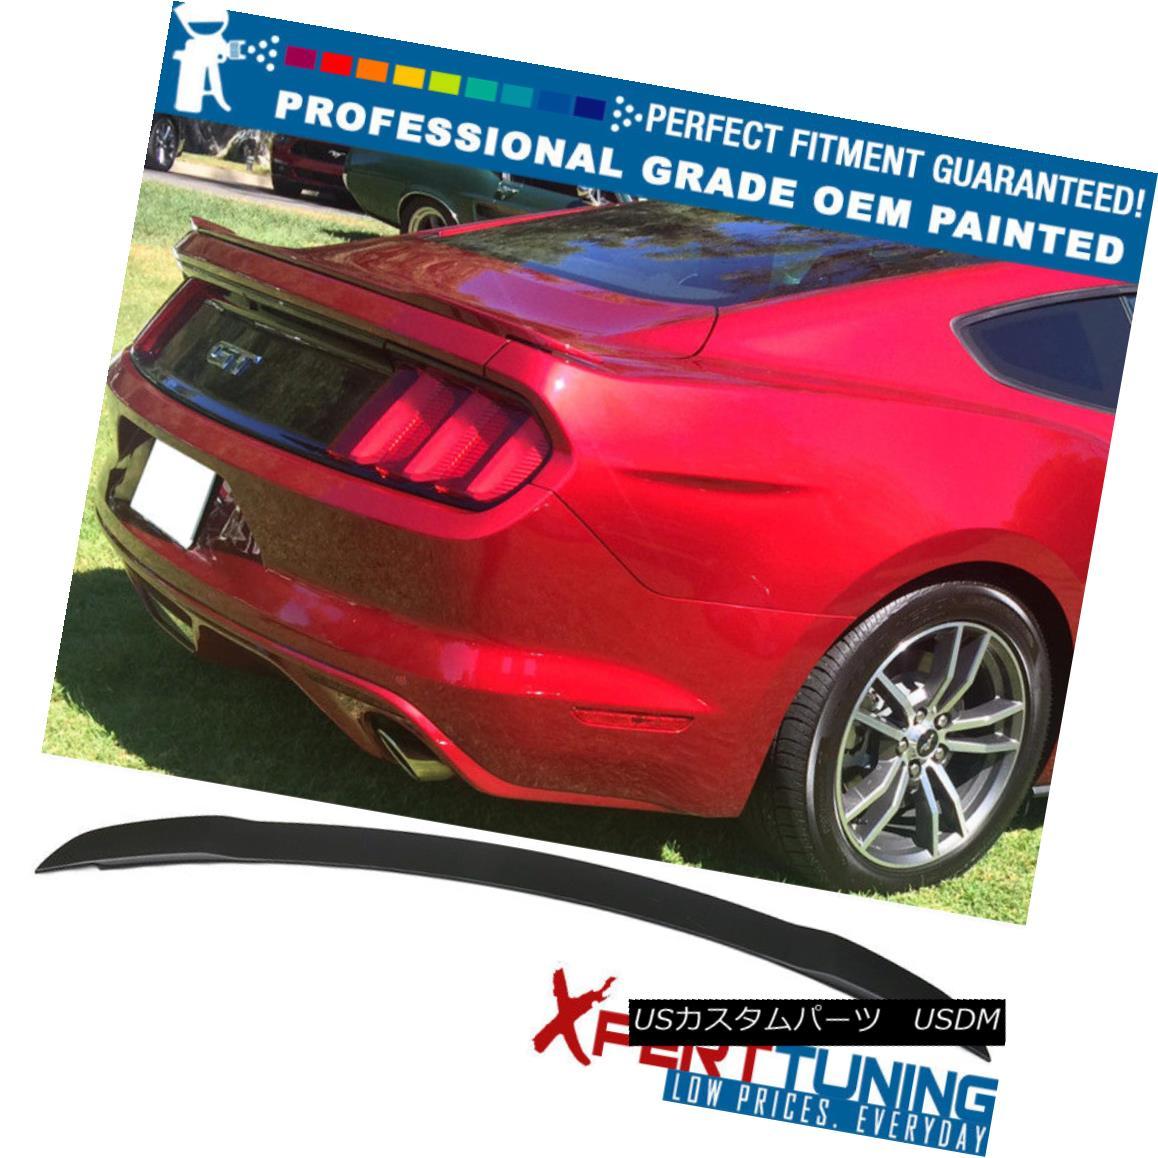 エアロパーツ 15-18 Ford Mustang GT Factory Painted ABS Trunk Spoiler - OEM Painted Color 15-18フォードマスタングGT工場塗装ABSトランクスポイラー - OEM塗装色